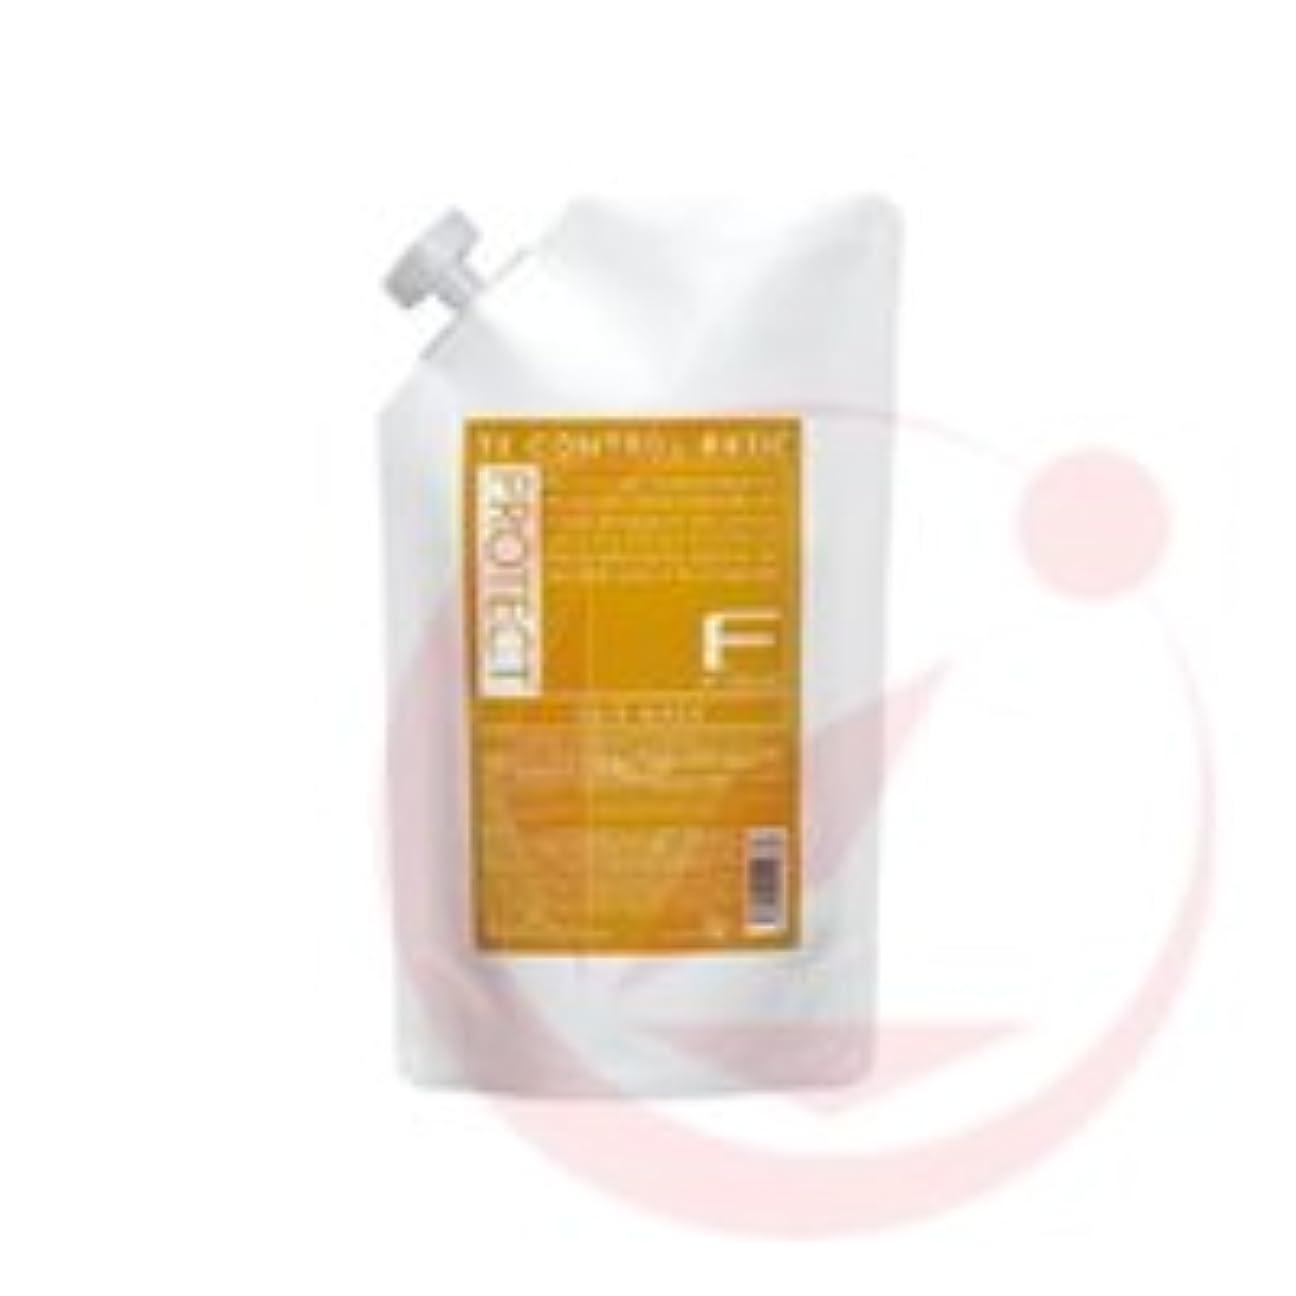 複雑でない損傷食用フィヨーレ Fプロテクト MBヘアマスクベーシック 1000g(業務?詰替用)